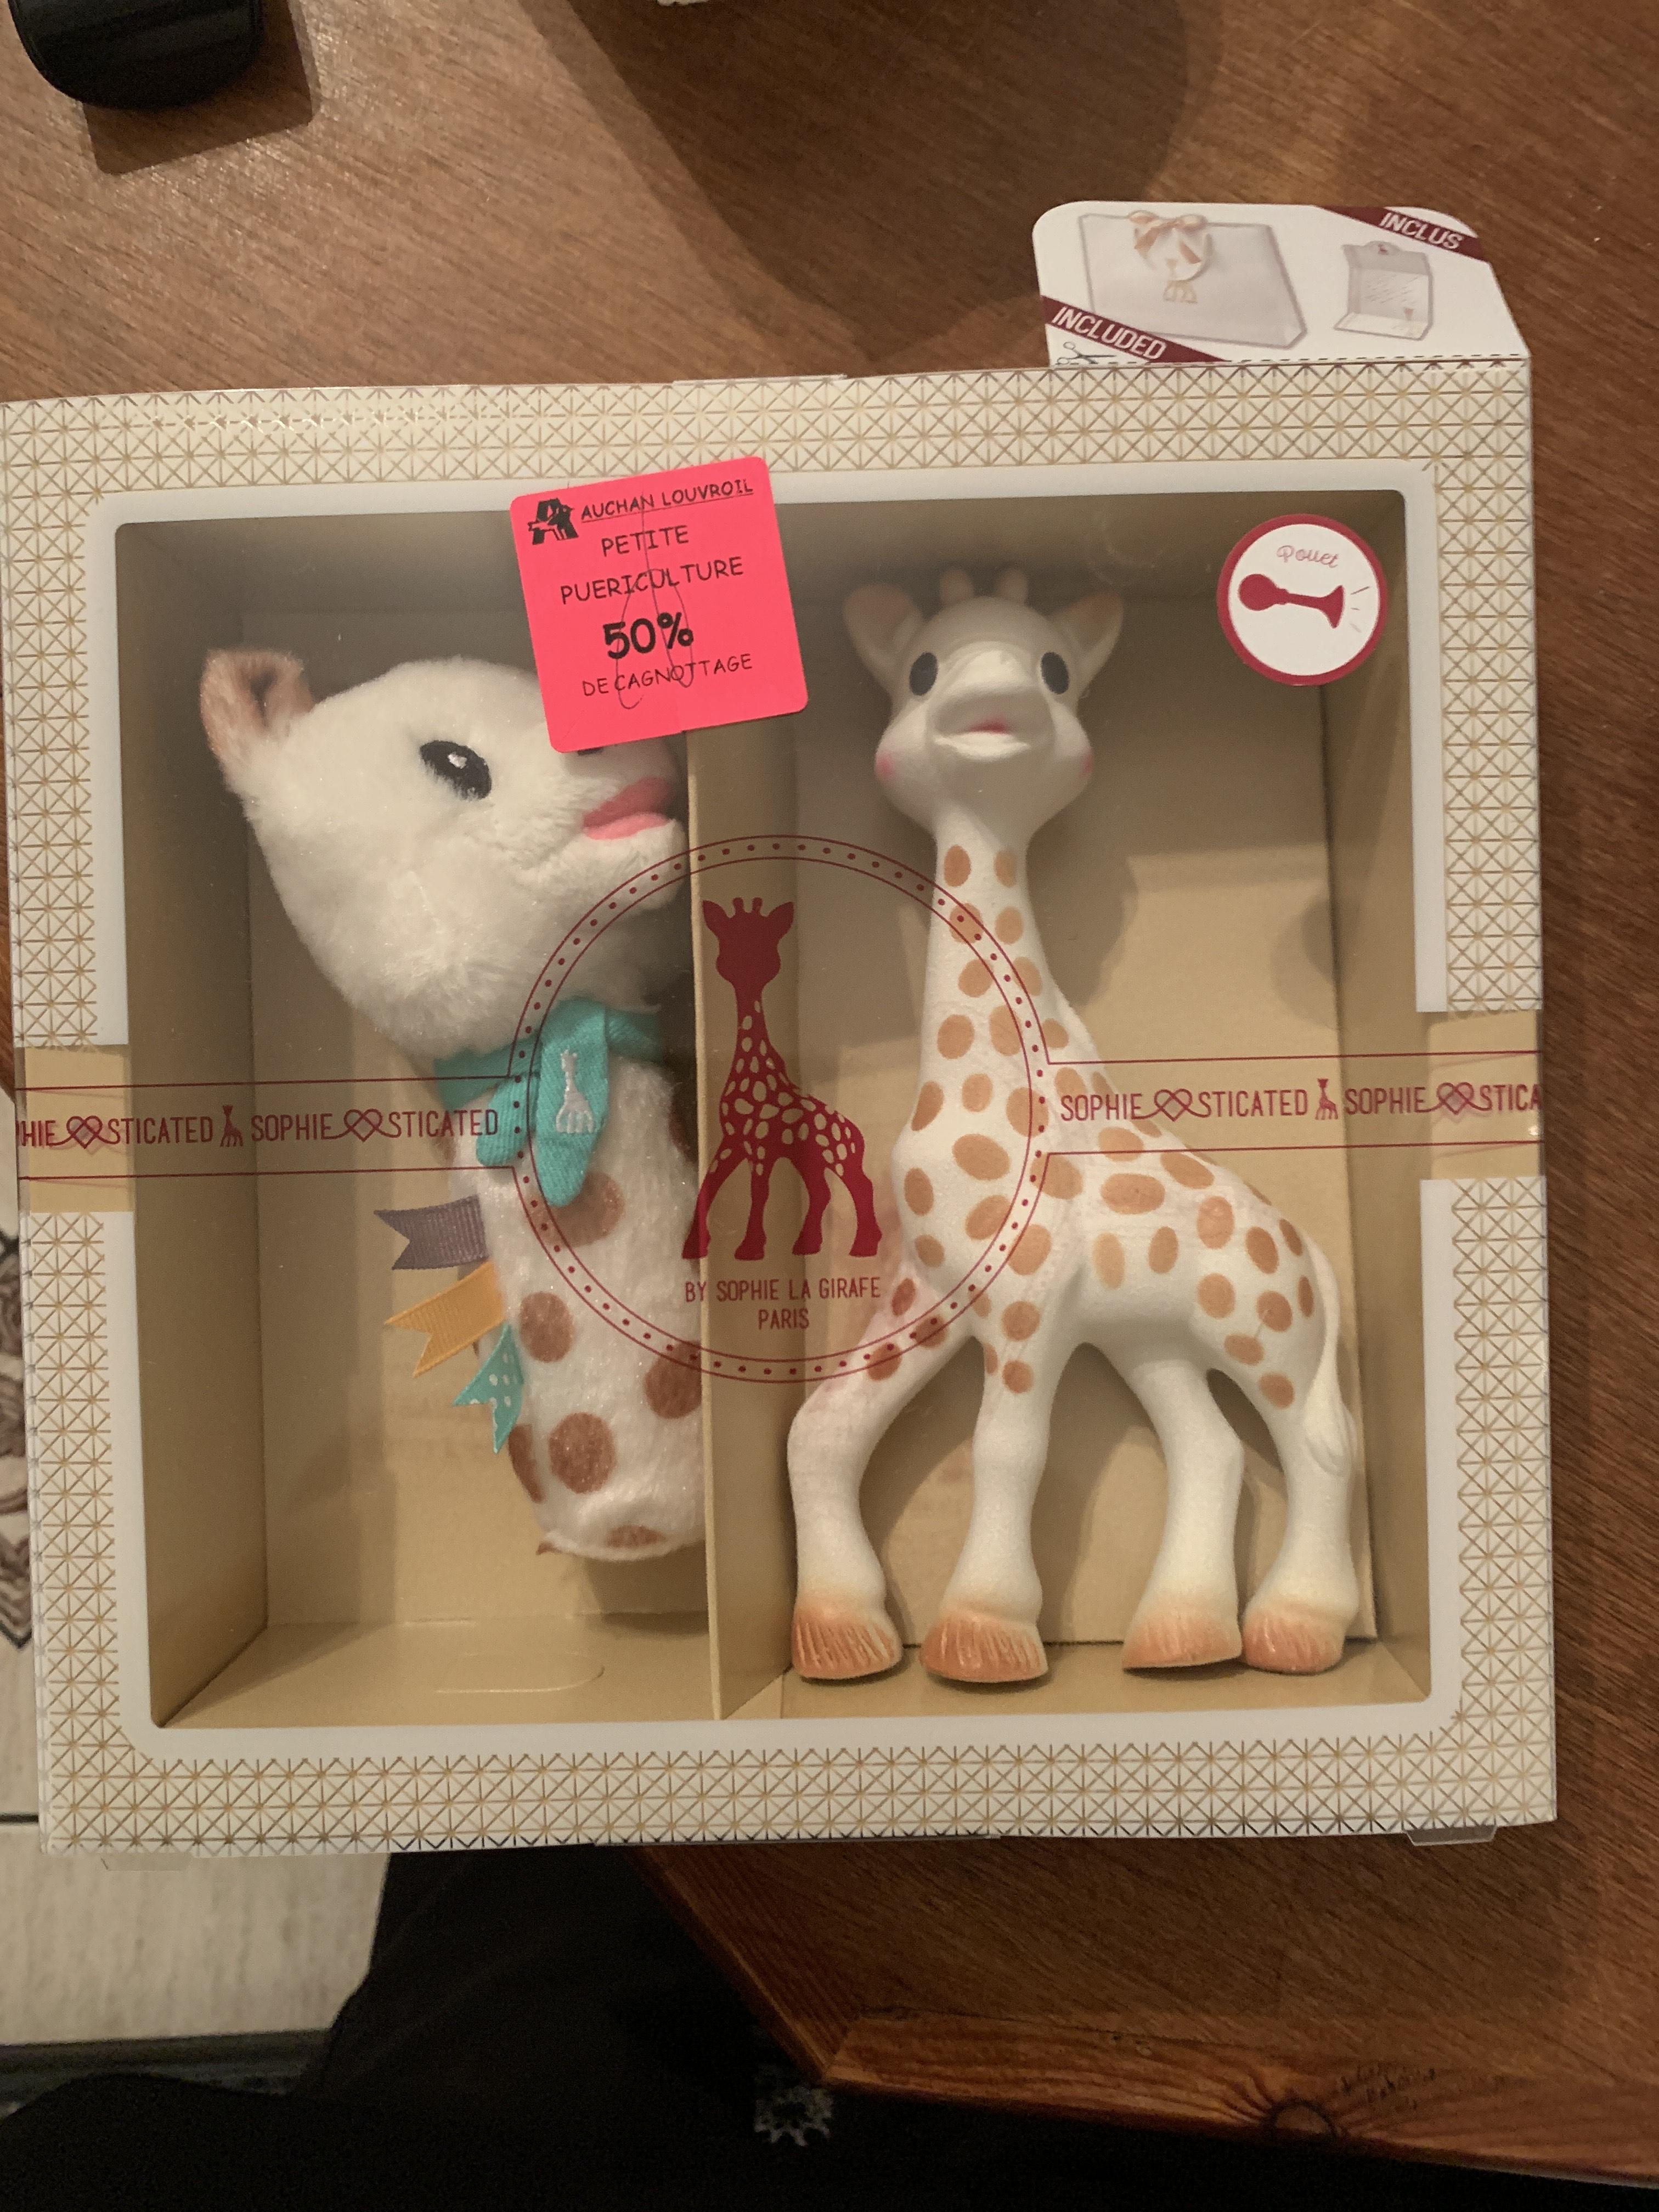 Coffret Naissance Sophie La Girafe (Via 10,50€ sur Carte Fidélité) - Louvroil (59)